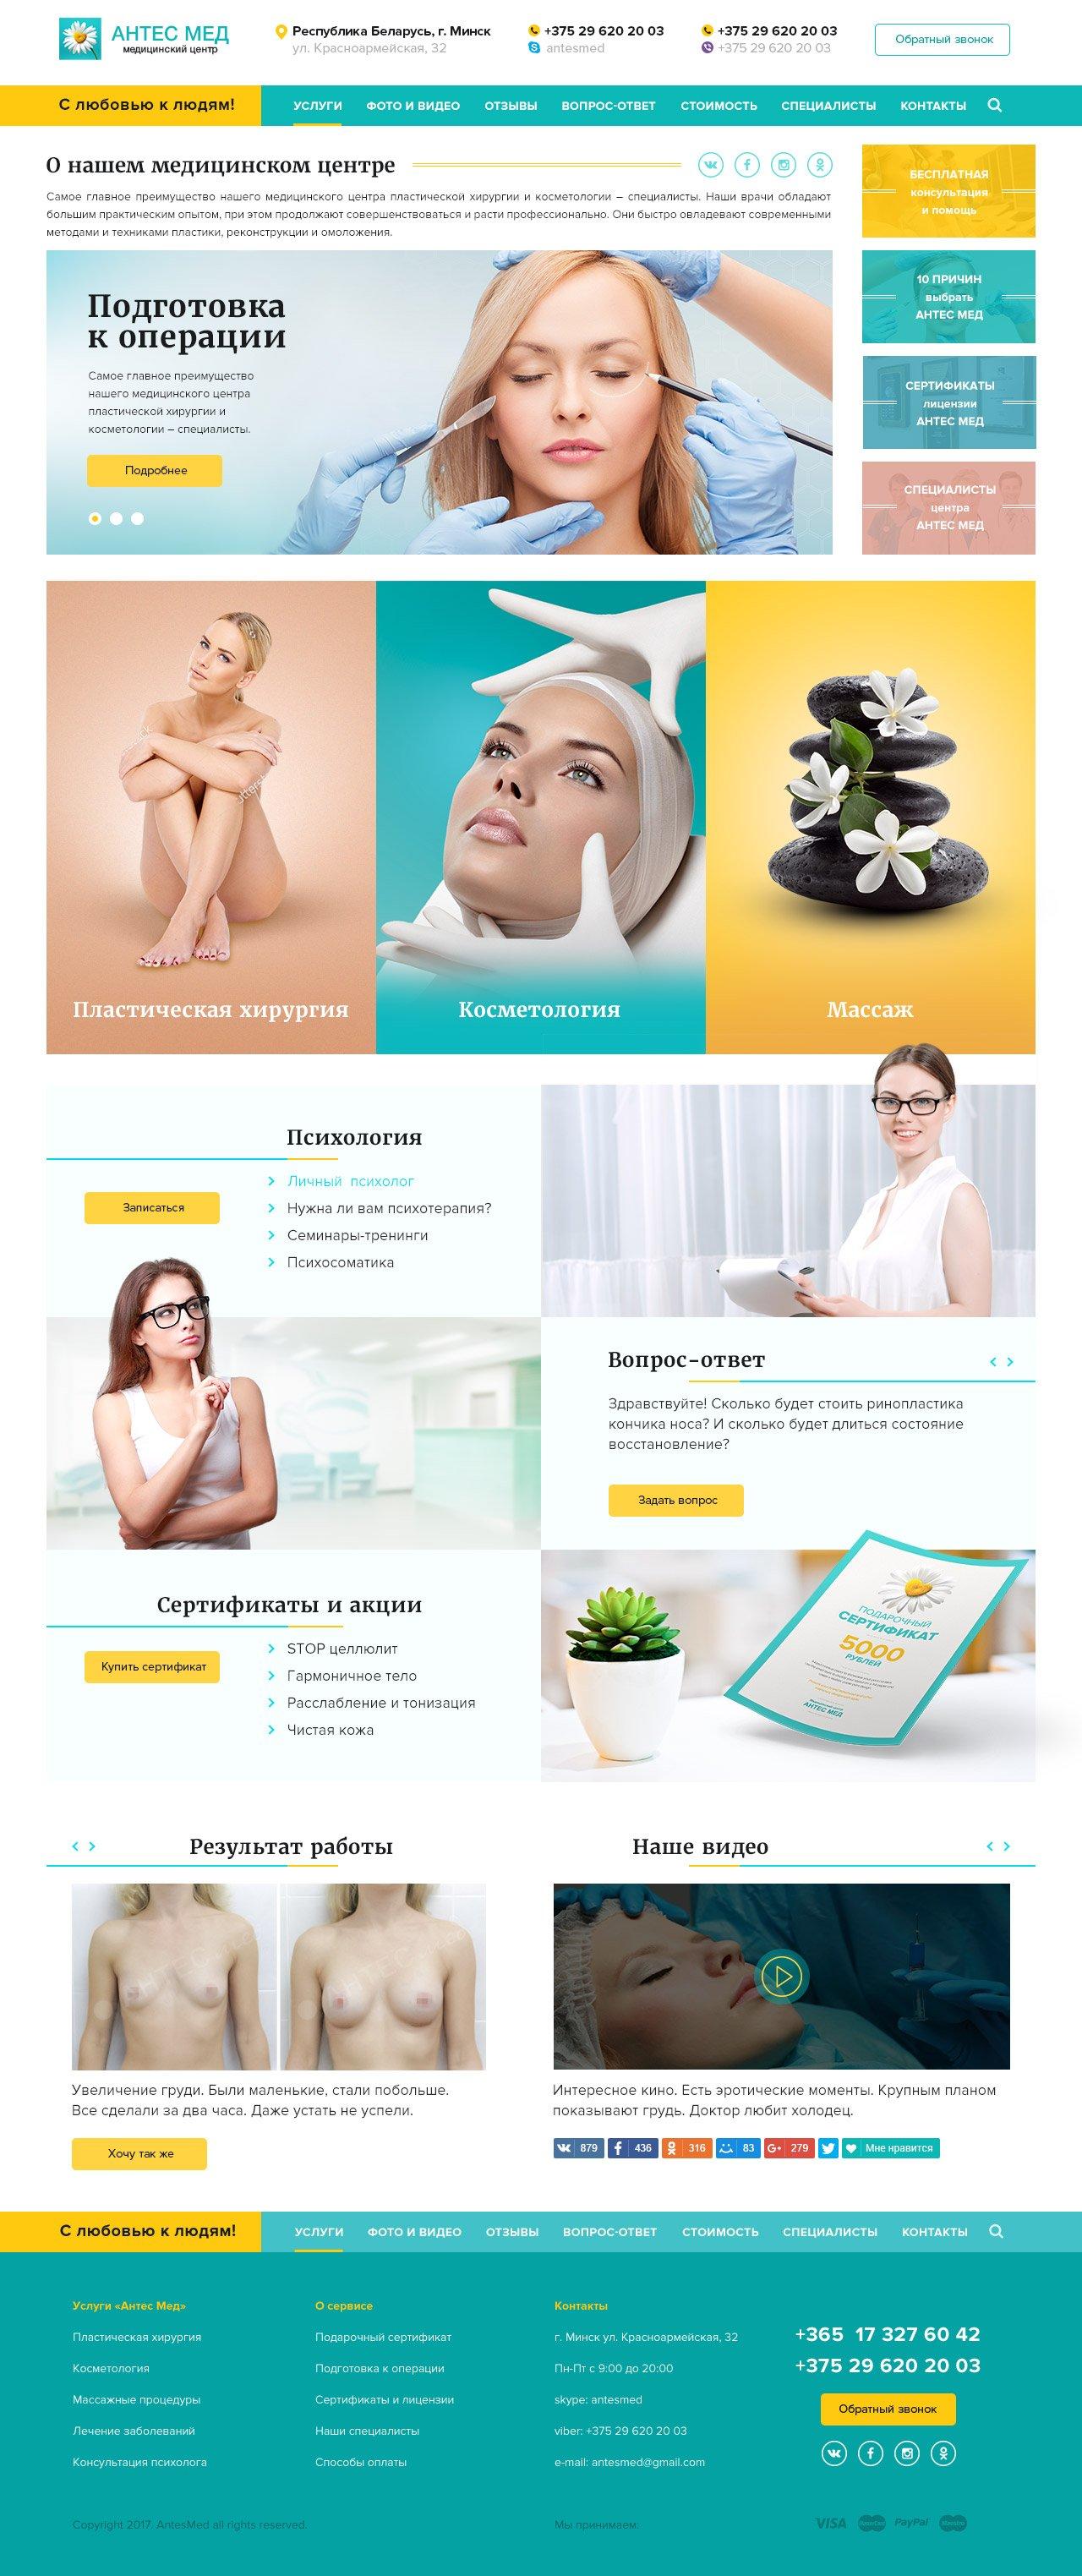 Дизайн медицинского сайта